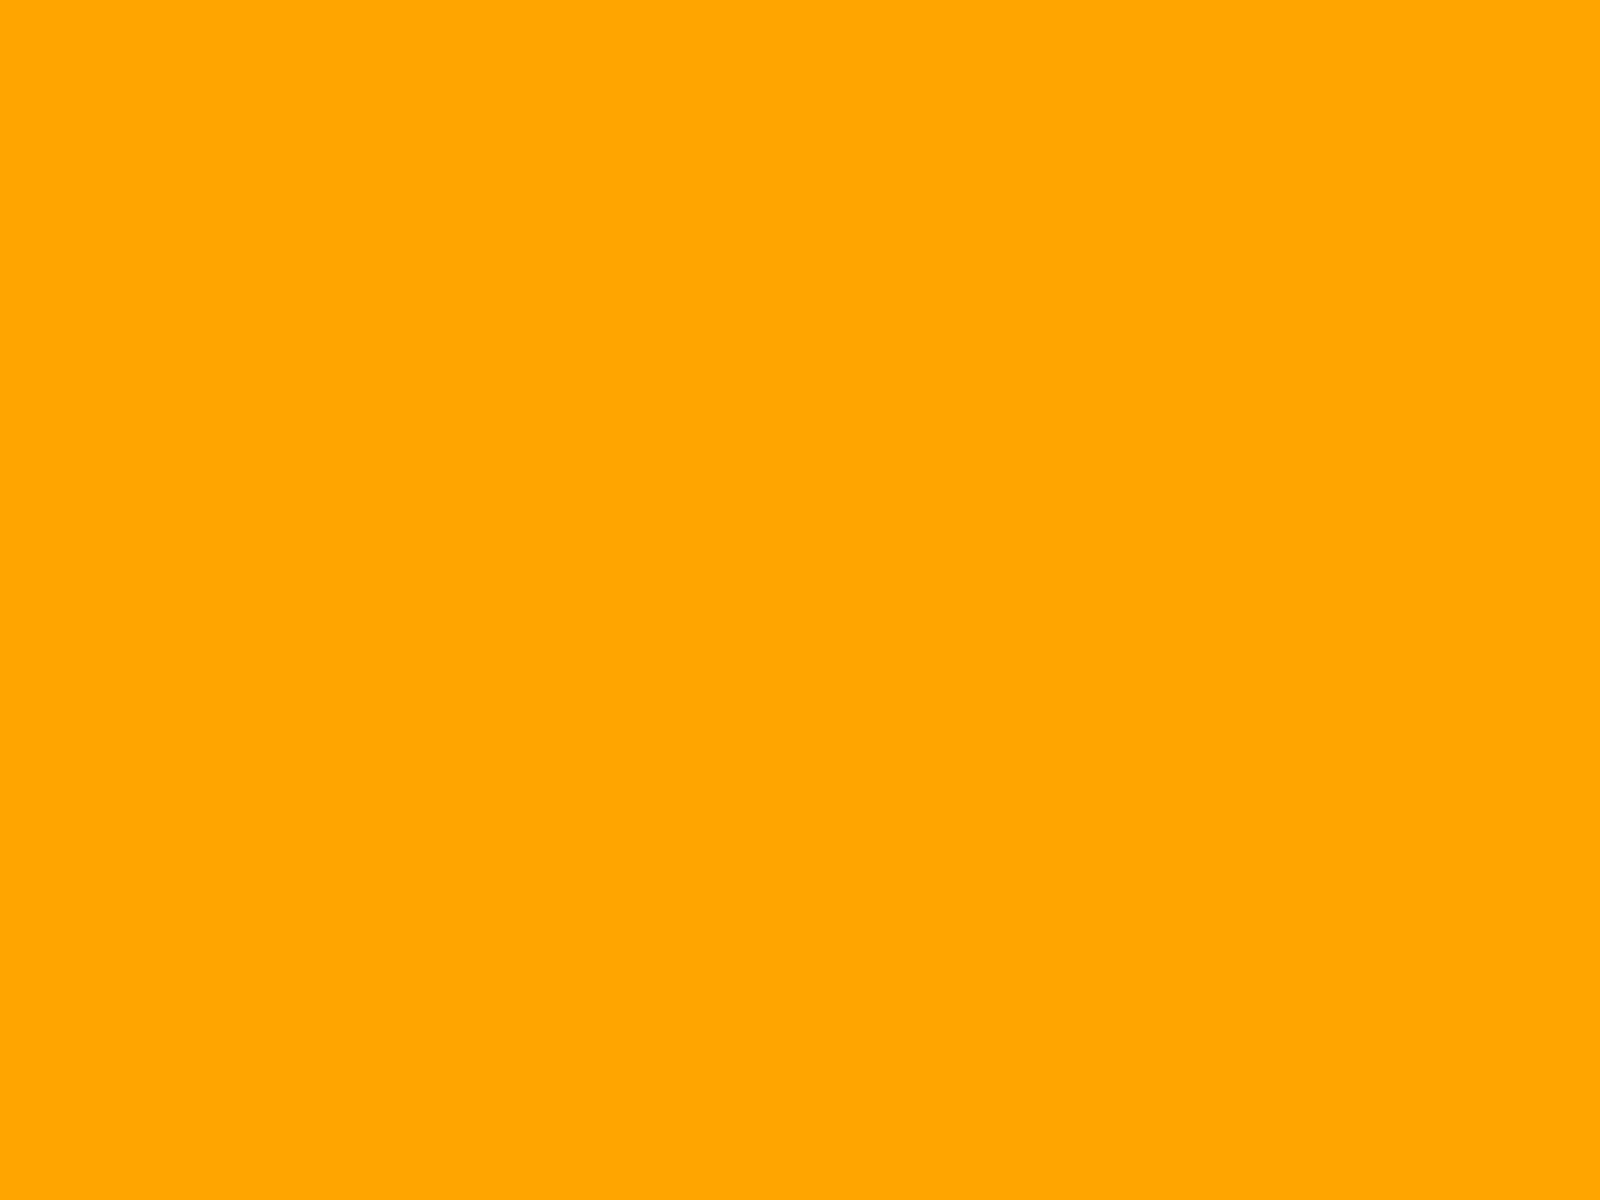 1600x1200 Orange Web Solid Color Background